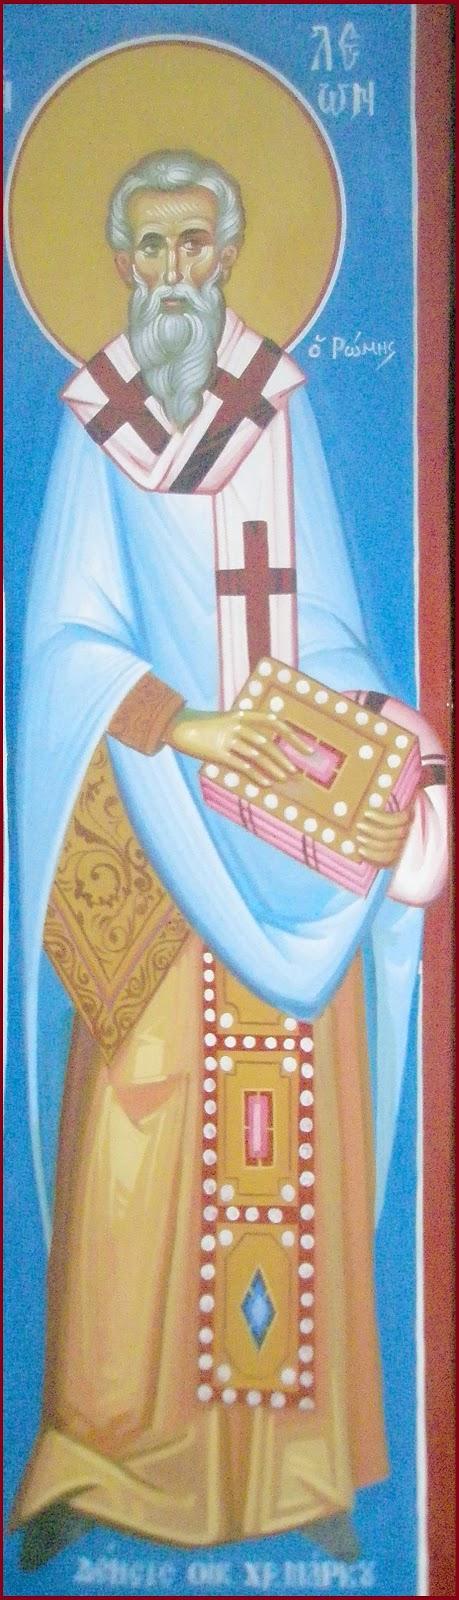 Άγιος Λέων Πάπας Ρώμης